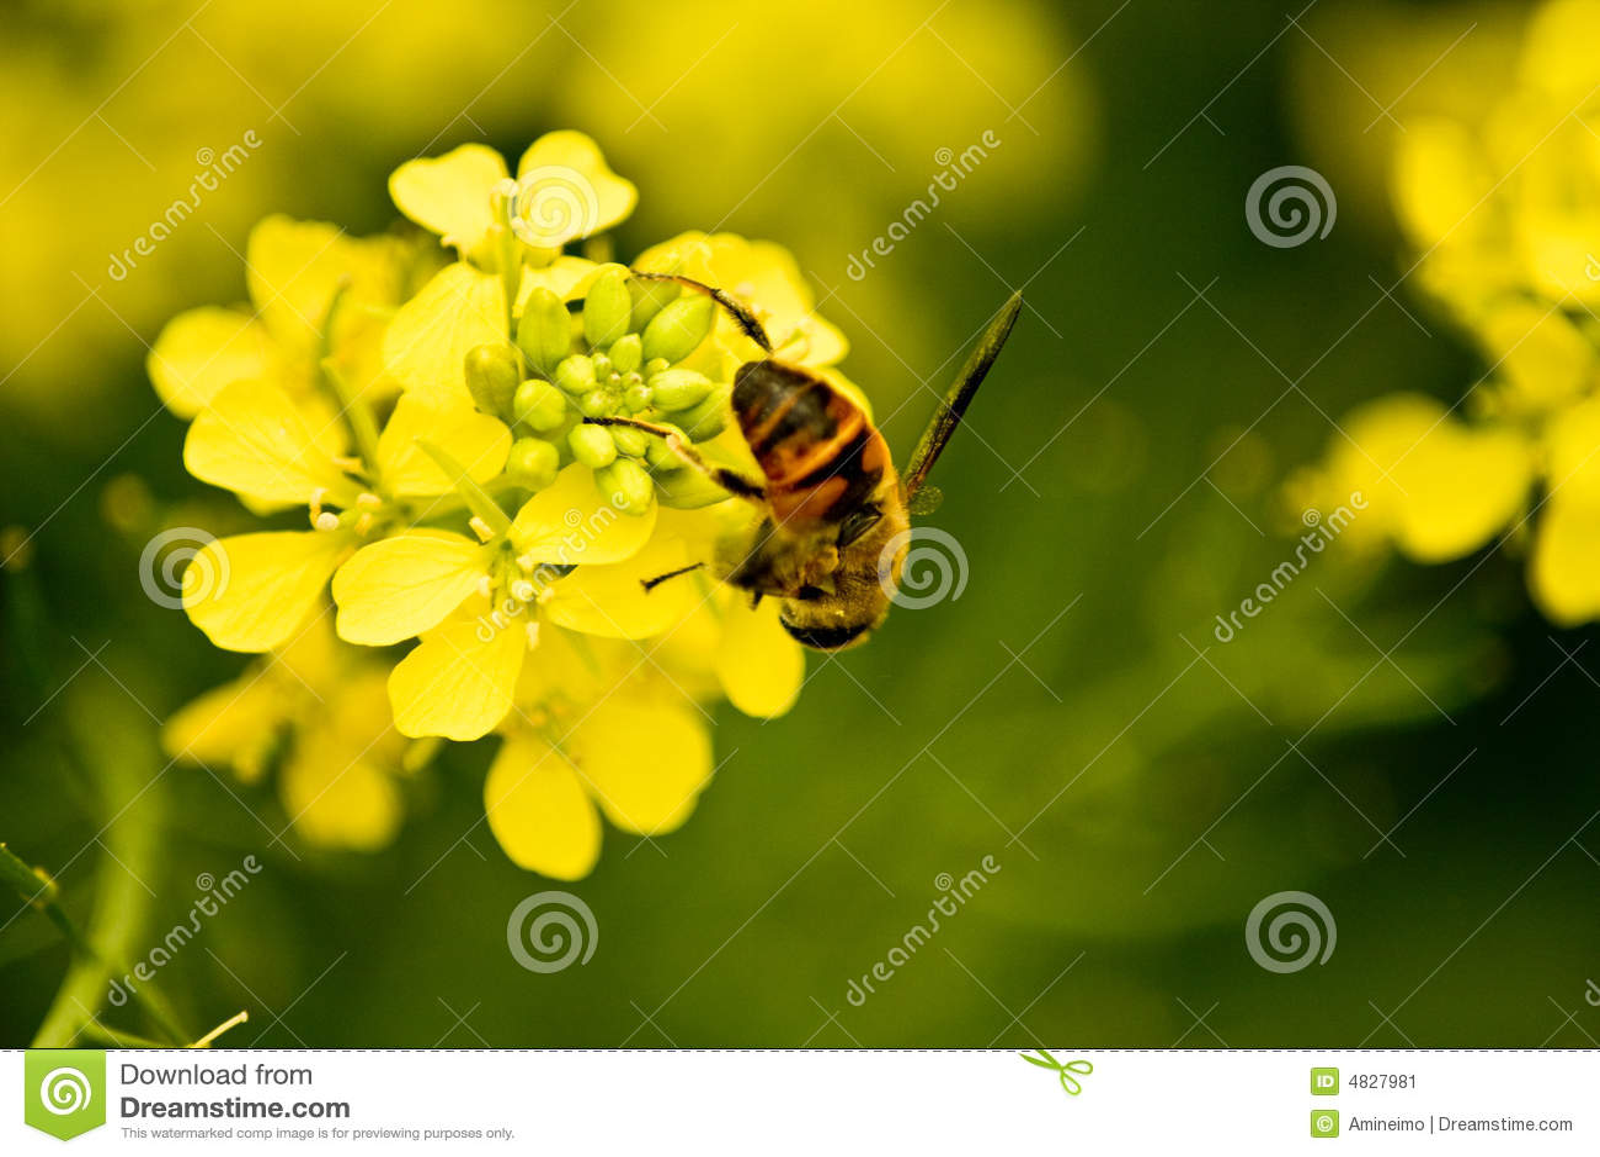 Raps und Biene